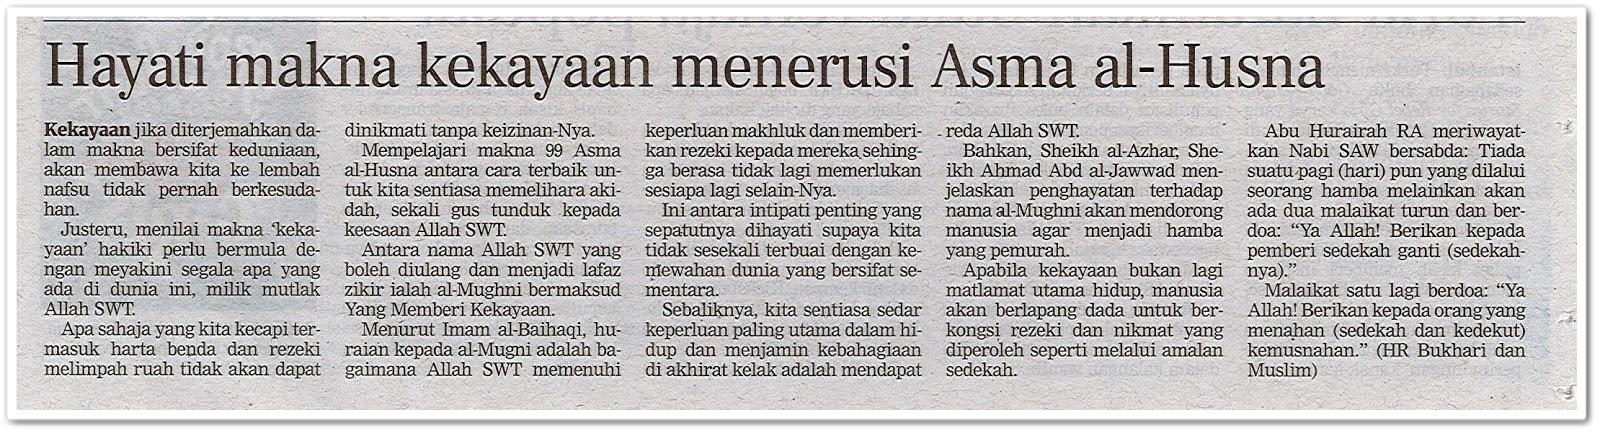 Hayati makna kekayaan menerusi Asma al-Husna